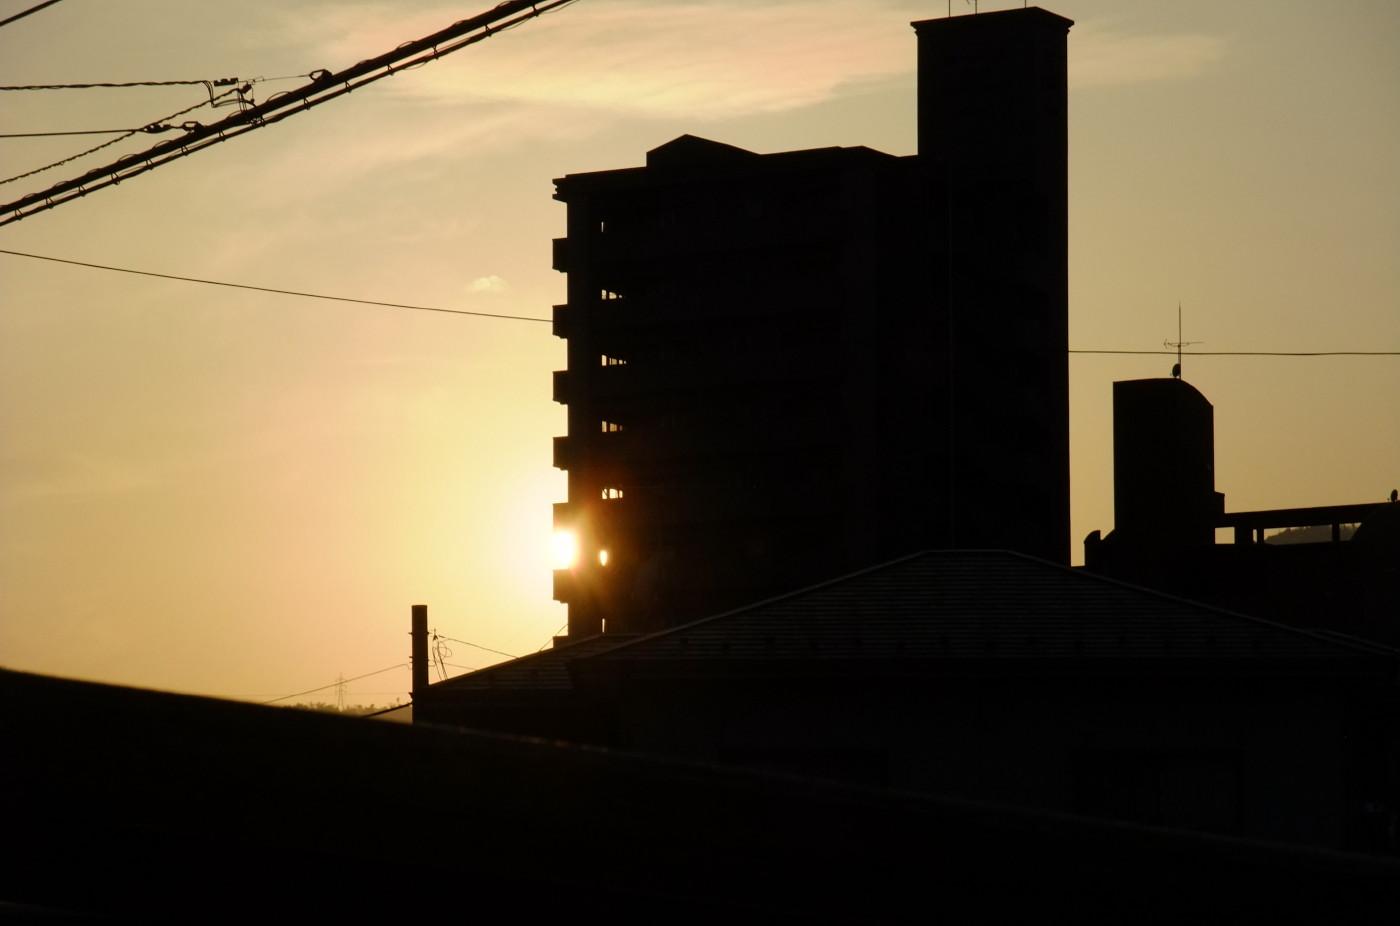 ビルからはみ出した太陽でゲソ